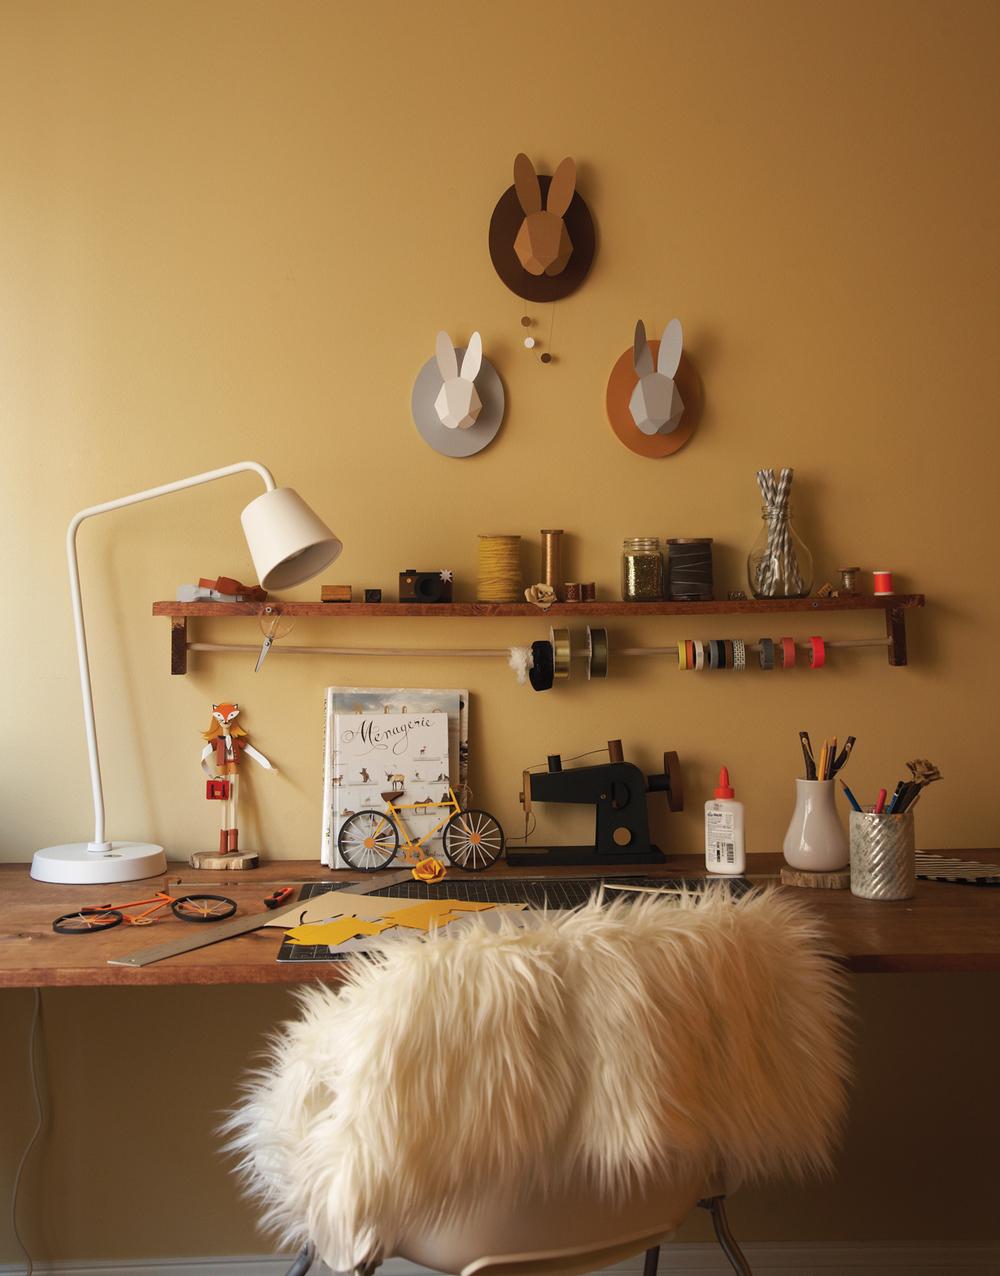 Ilasco_Styling_Anthology-Feury-desk.jpg